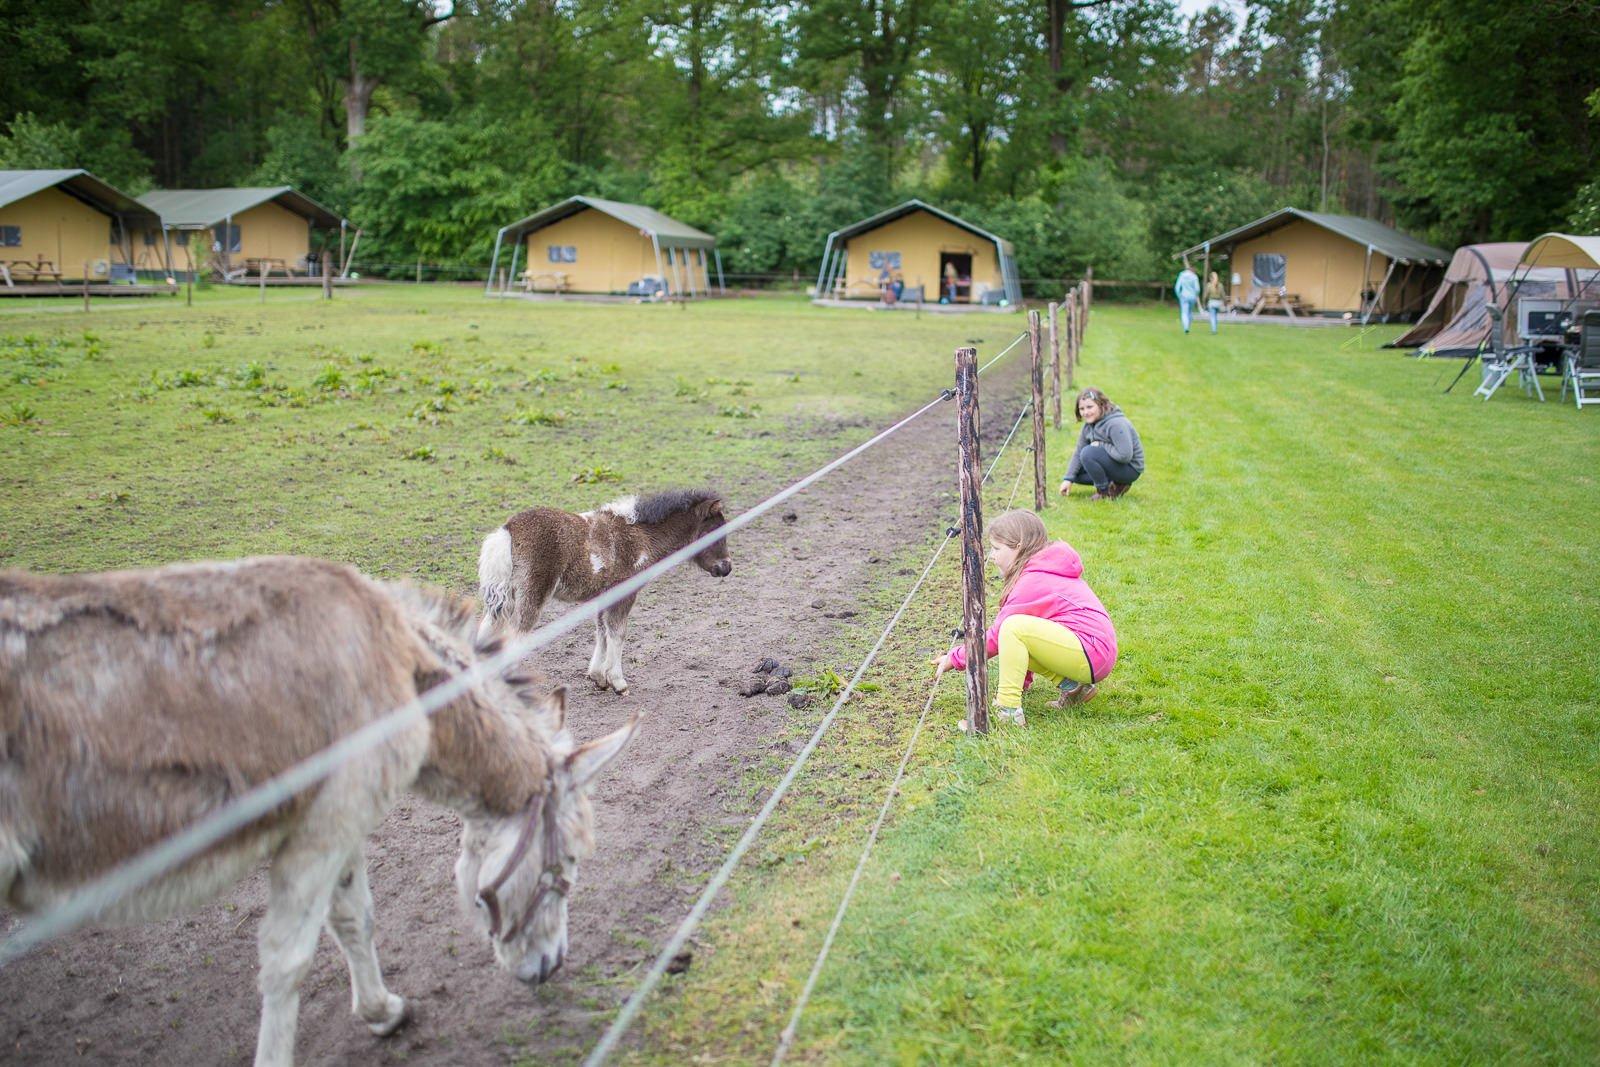 Zelturlaub mit Kindern farmcamps